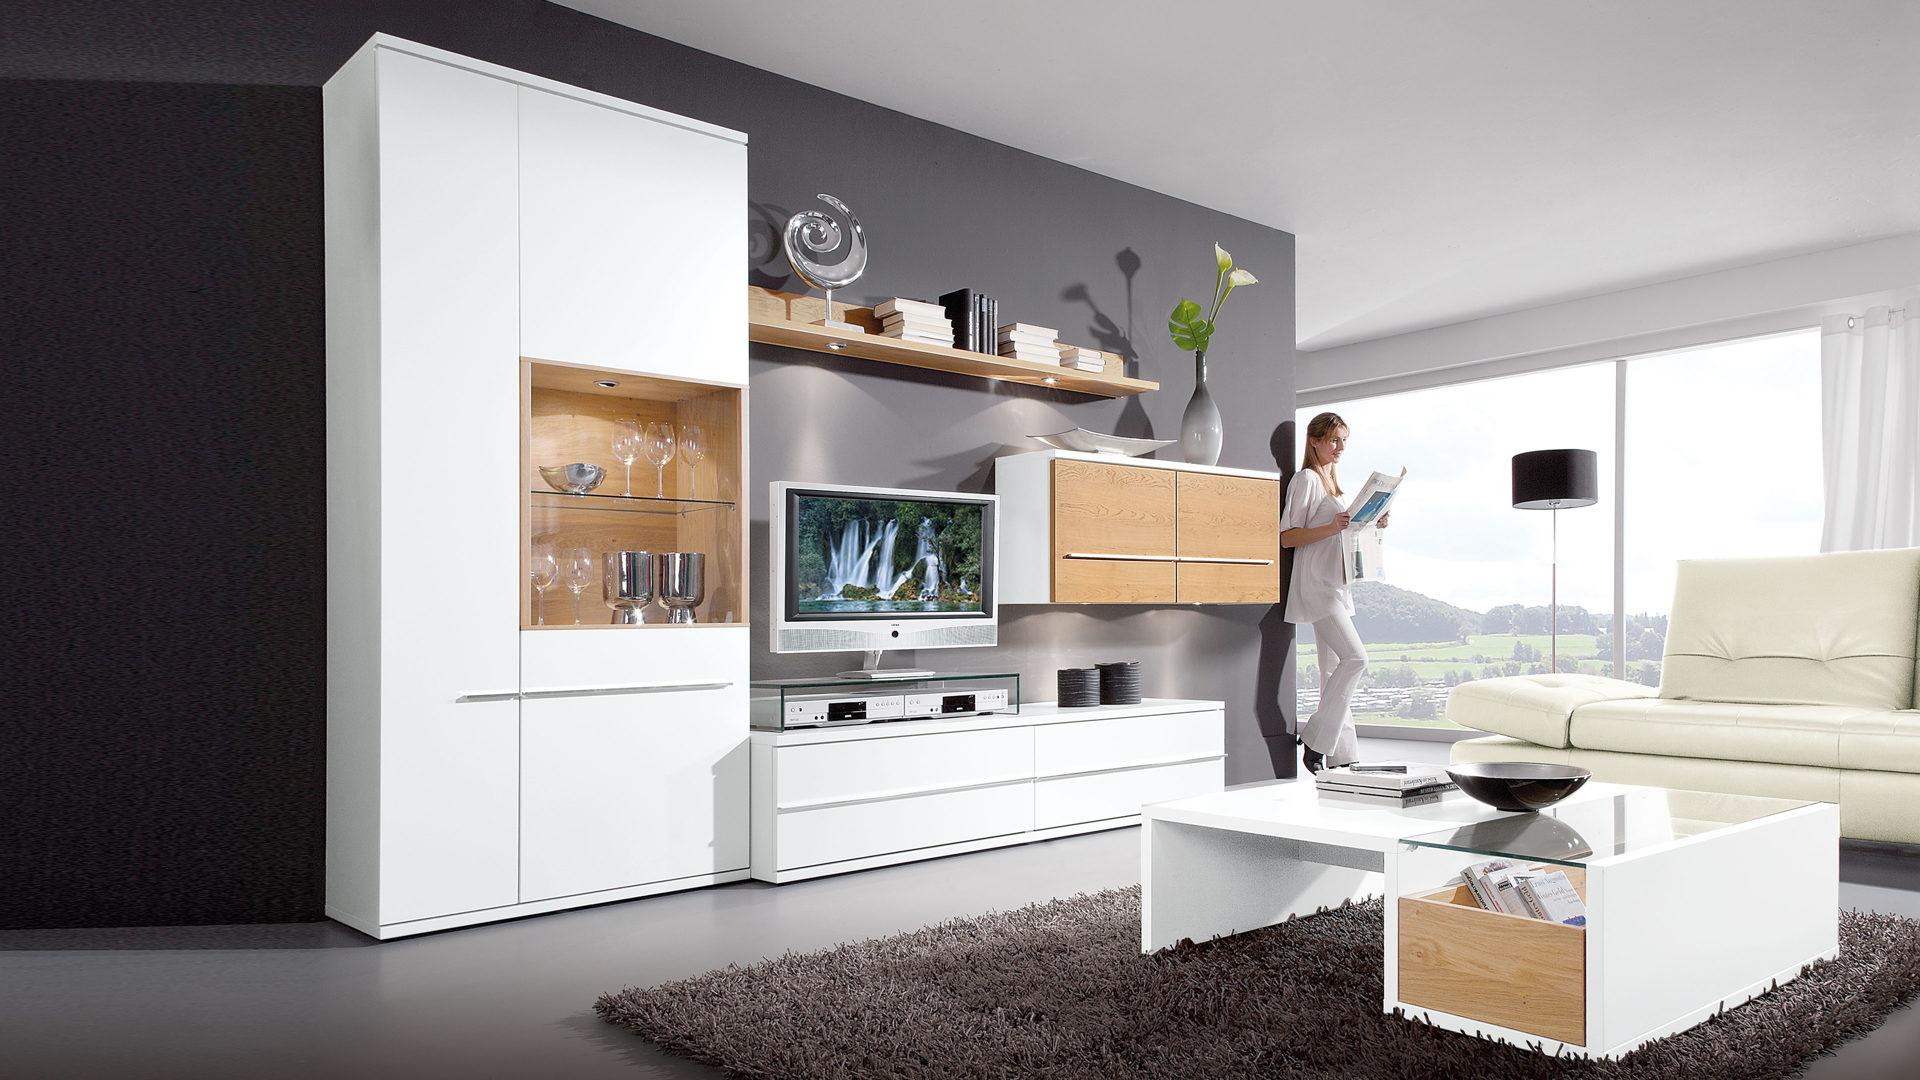 wohnzimmermöbel weiß holz | möbelideen - Wohnzimmer Schwarz Weiss Holz